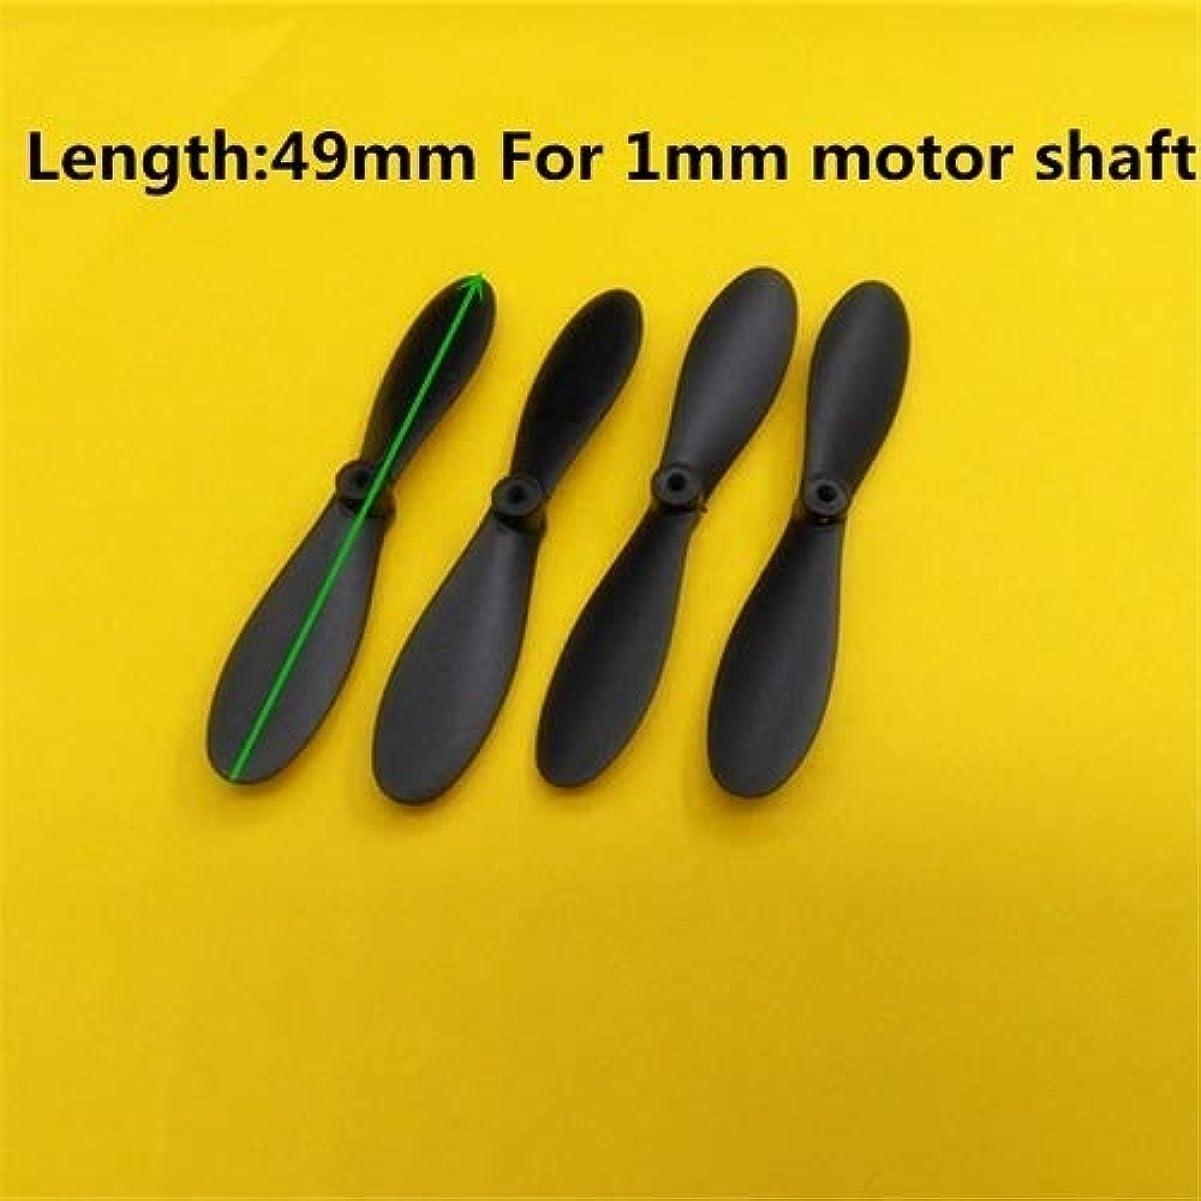 文明特権的摘むXUSUYUNCHUANG 4.9センチメートル49ミリメートルの長さの0.8ミリメートル1MMホールメインブレード小道具プロペラドローンR / Cスペアパーツヘリコプタークワッドローターアクセス ドローンアクセサリー (Color : For...